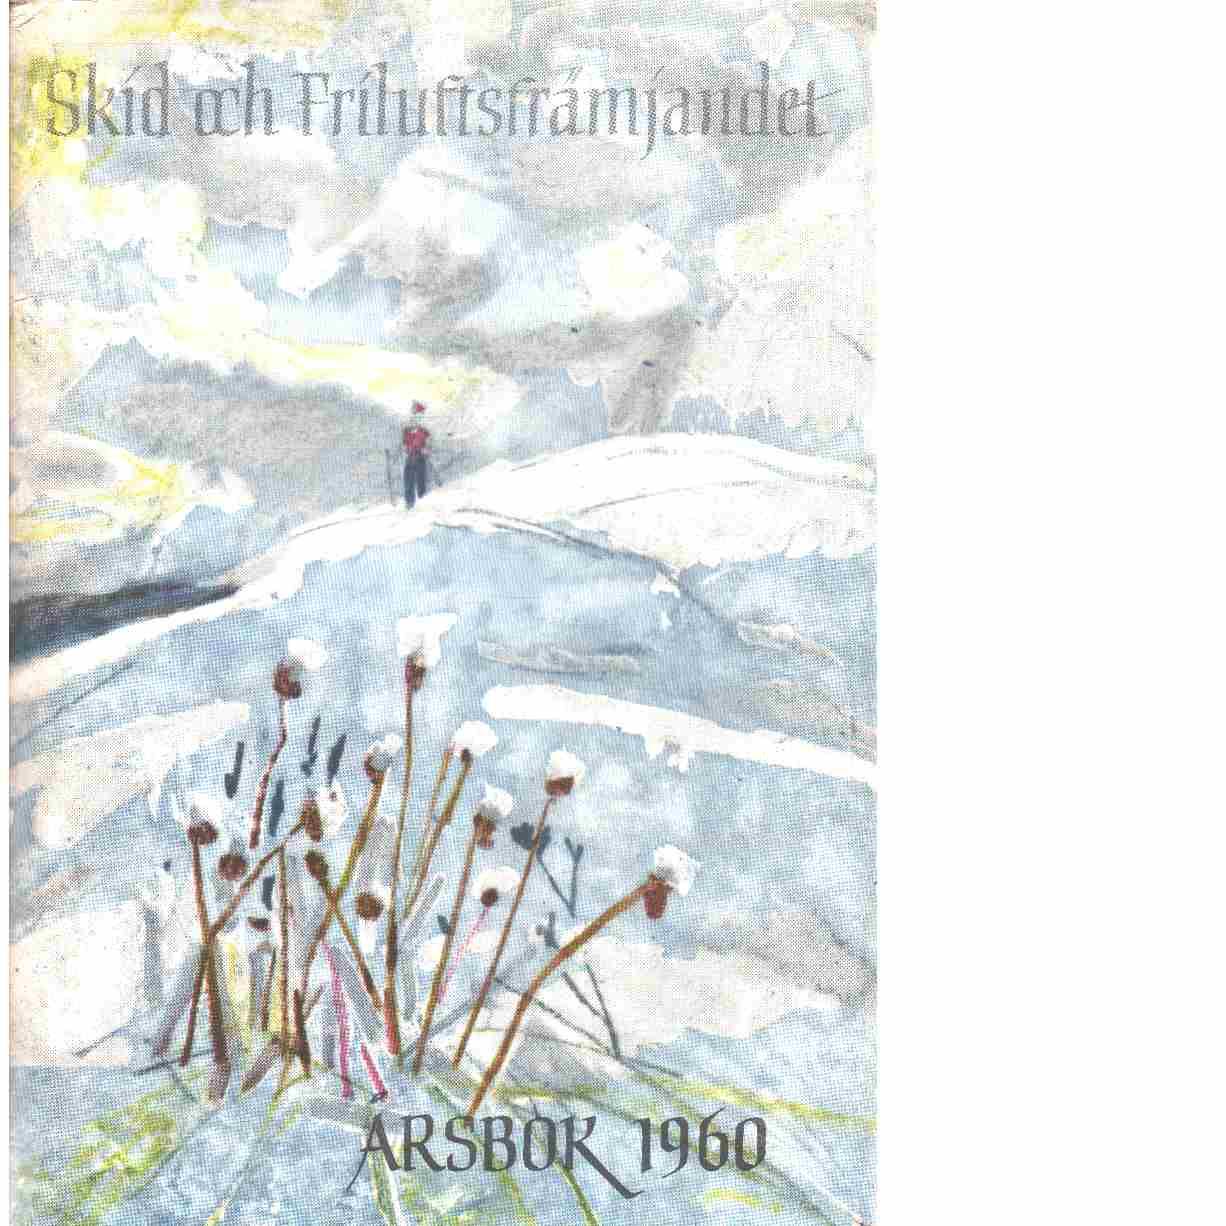 På skidor : Skid- och friluftsfrämjandets årsbok. Årsbok 1960 - Skid- och friluftsfrämjandet